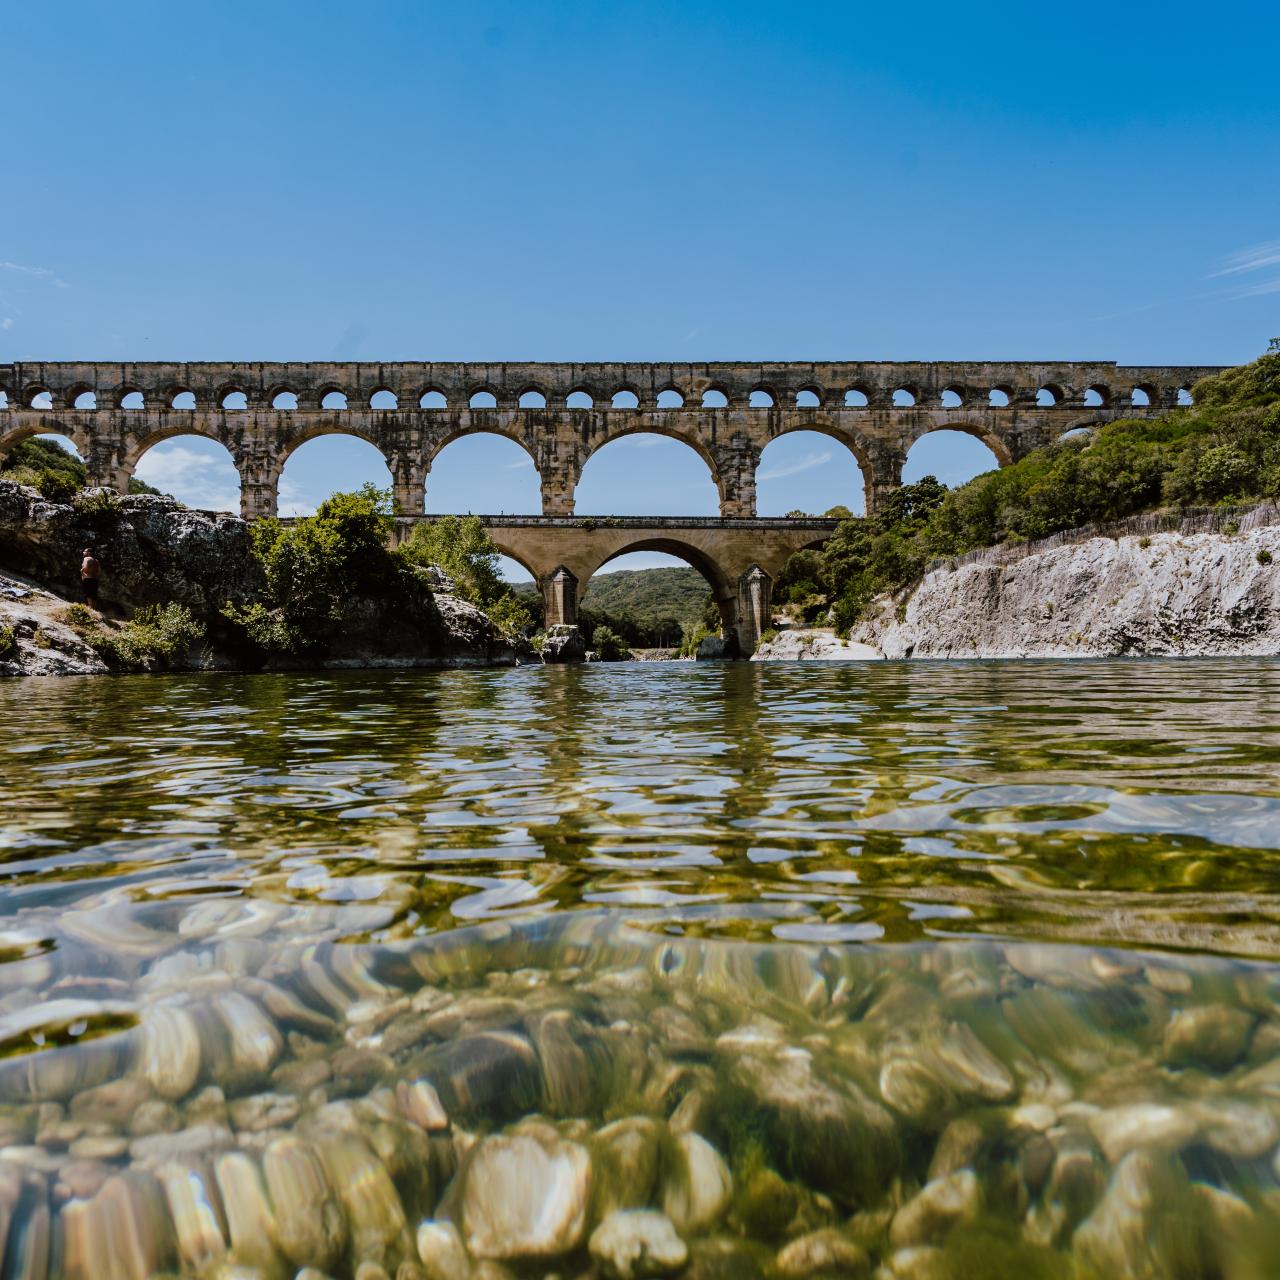 Descente du Gardon de Collias au Pont du Gard en canoë pour 2 adultes, 8 km, en août et septembre 2020 - Collias (30)